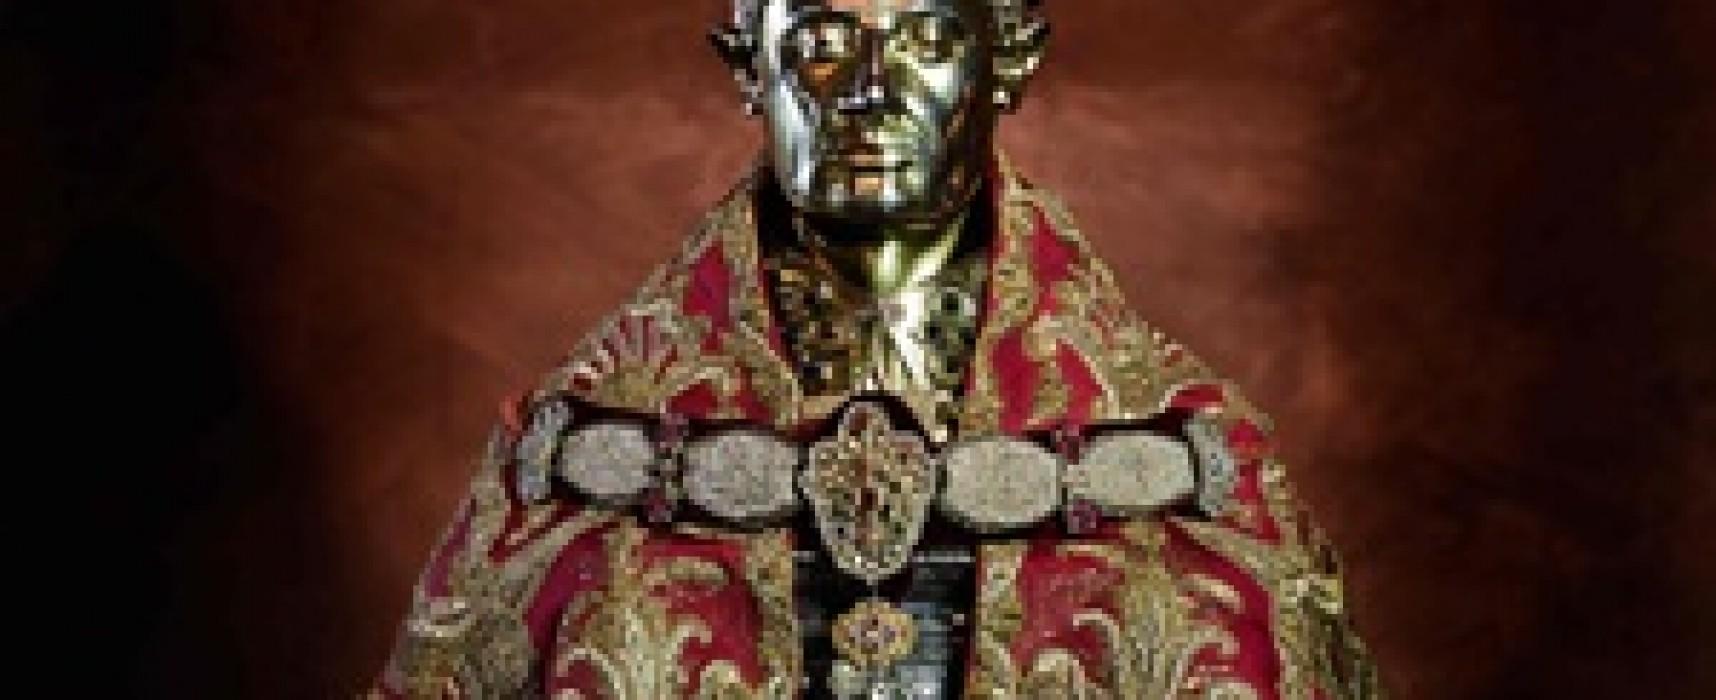 San Gennaro, sciogli il sangue per la Napoli onesta